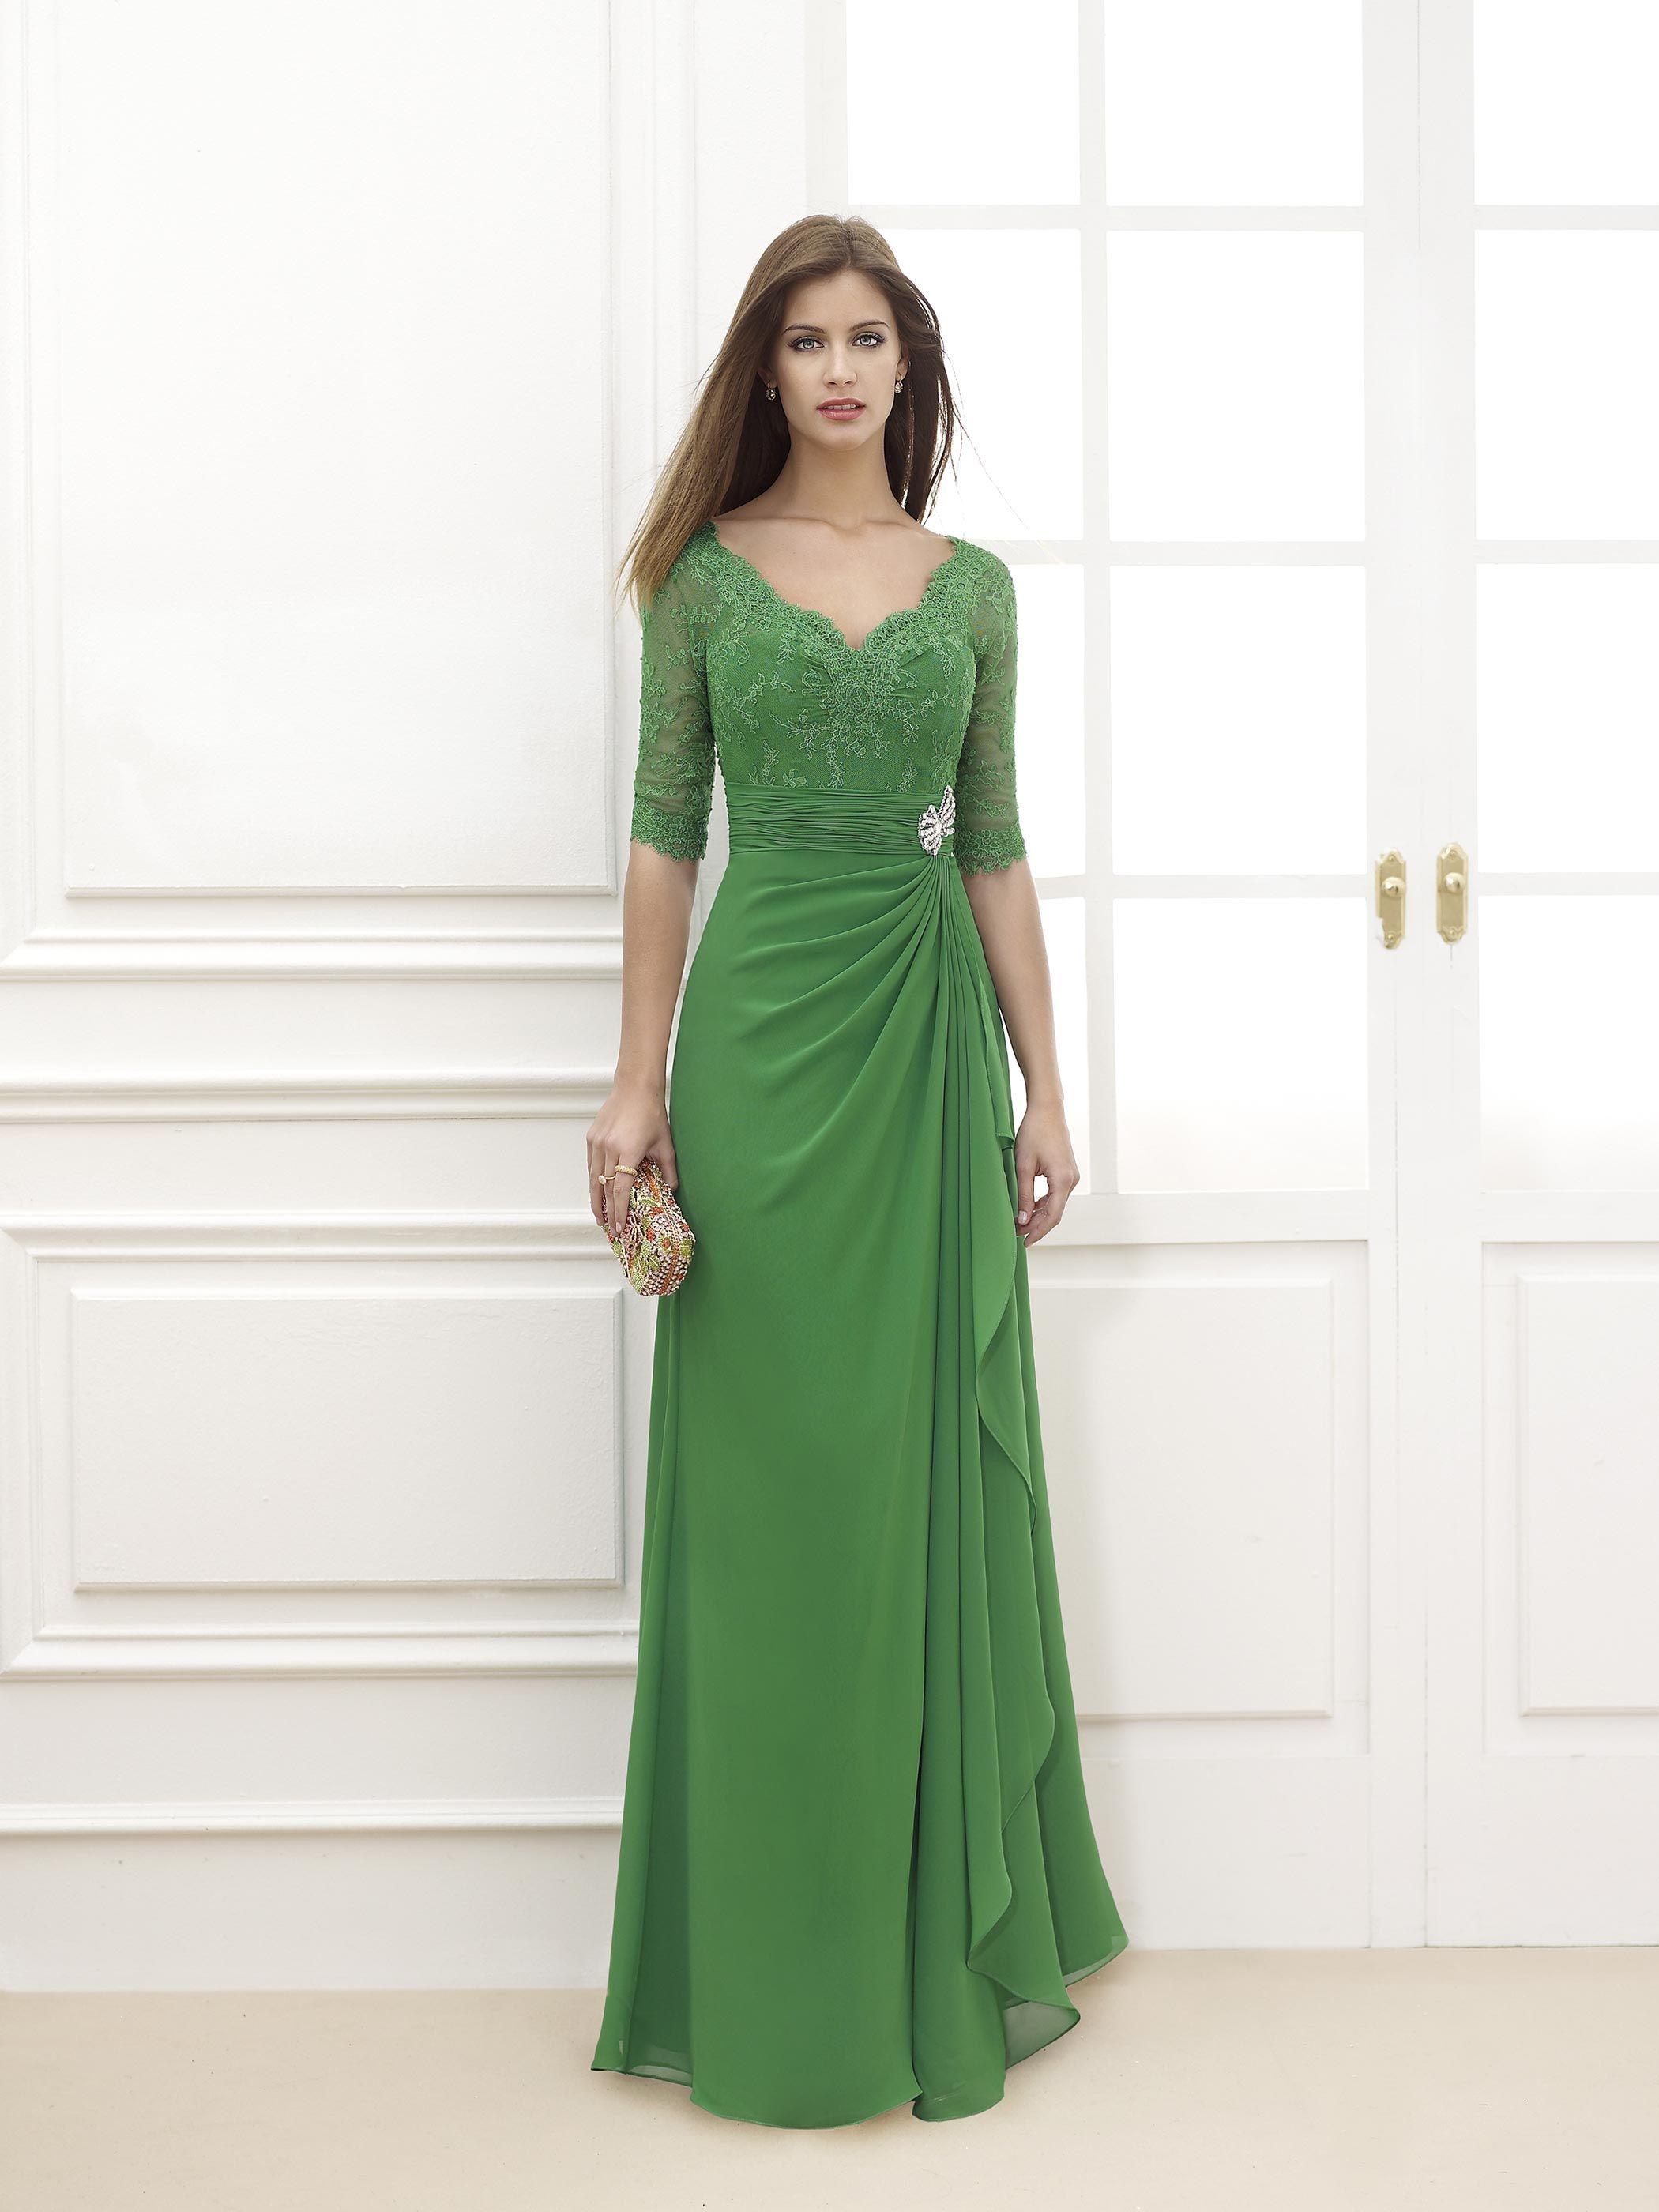 50 vestidos de fiesta verdes 2020: vístete con el color del éxito y la seguridad